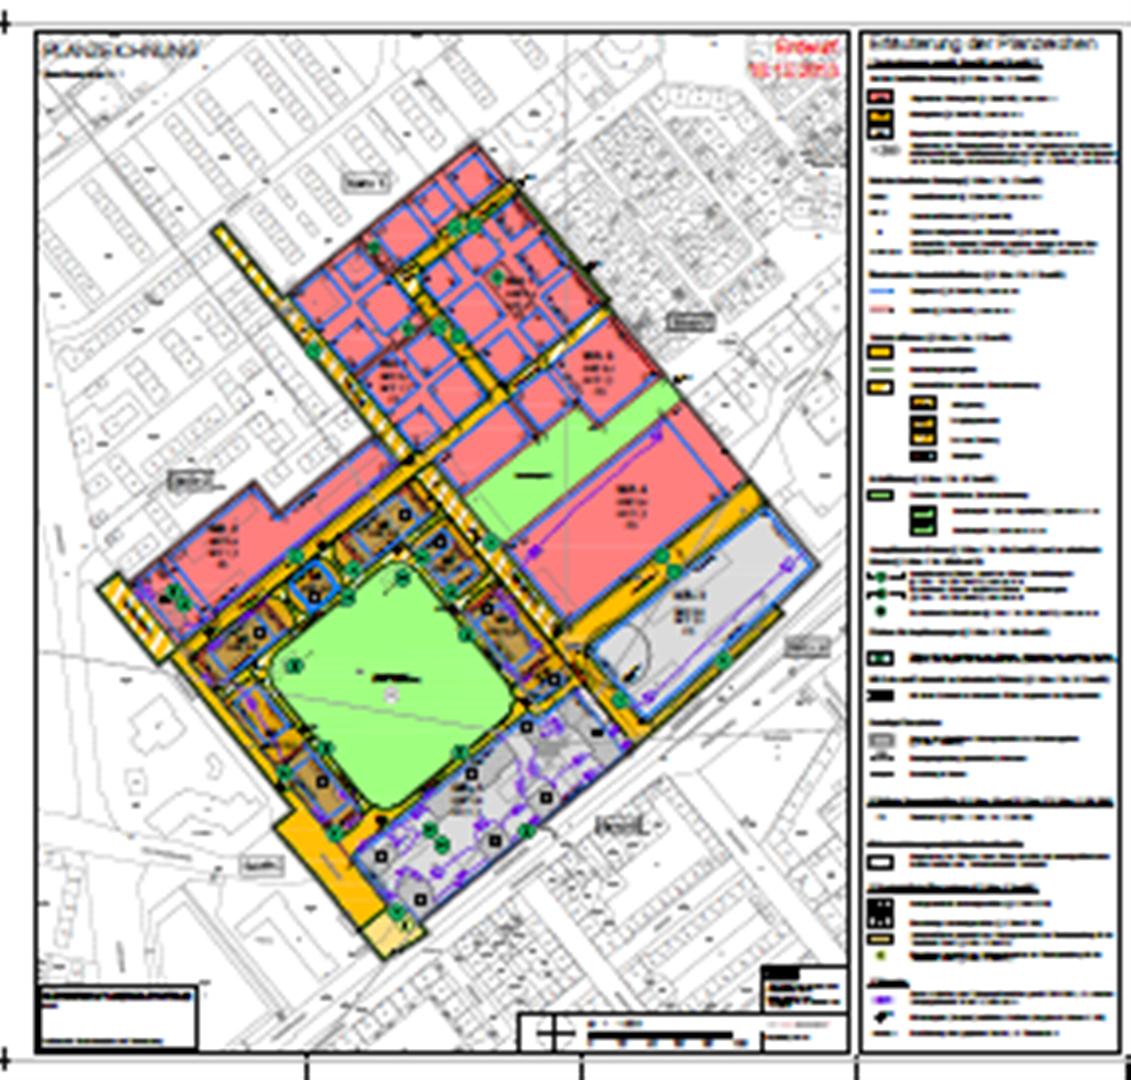 entwurf zum bebauungsplan turley areal beschlossen